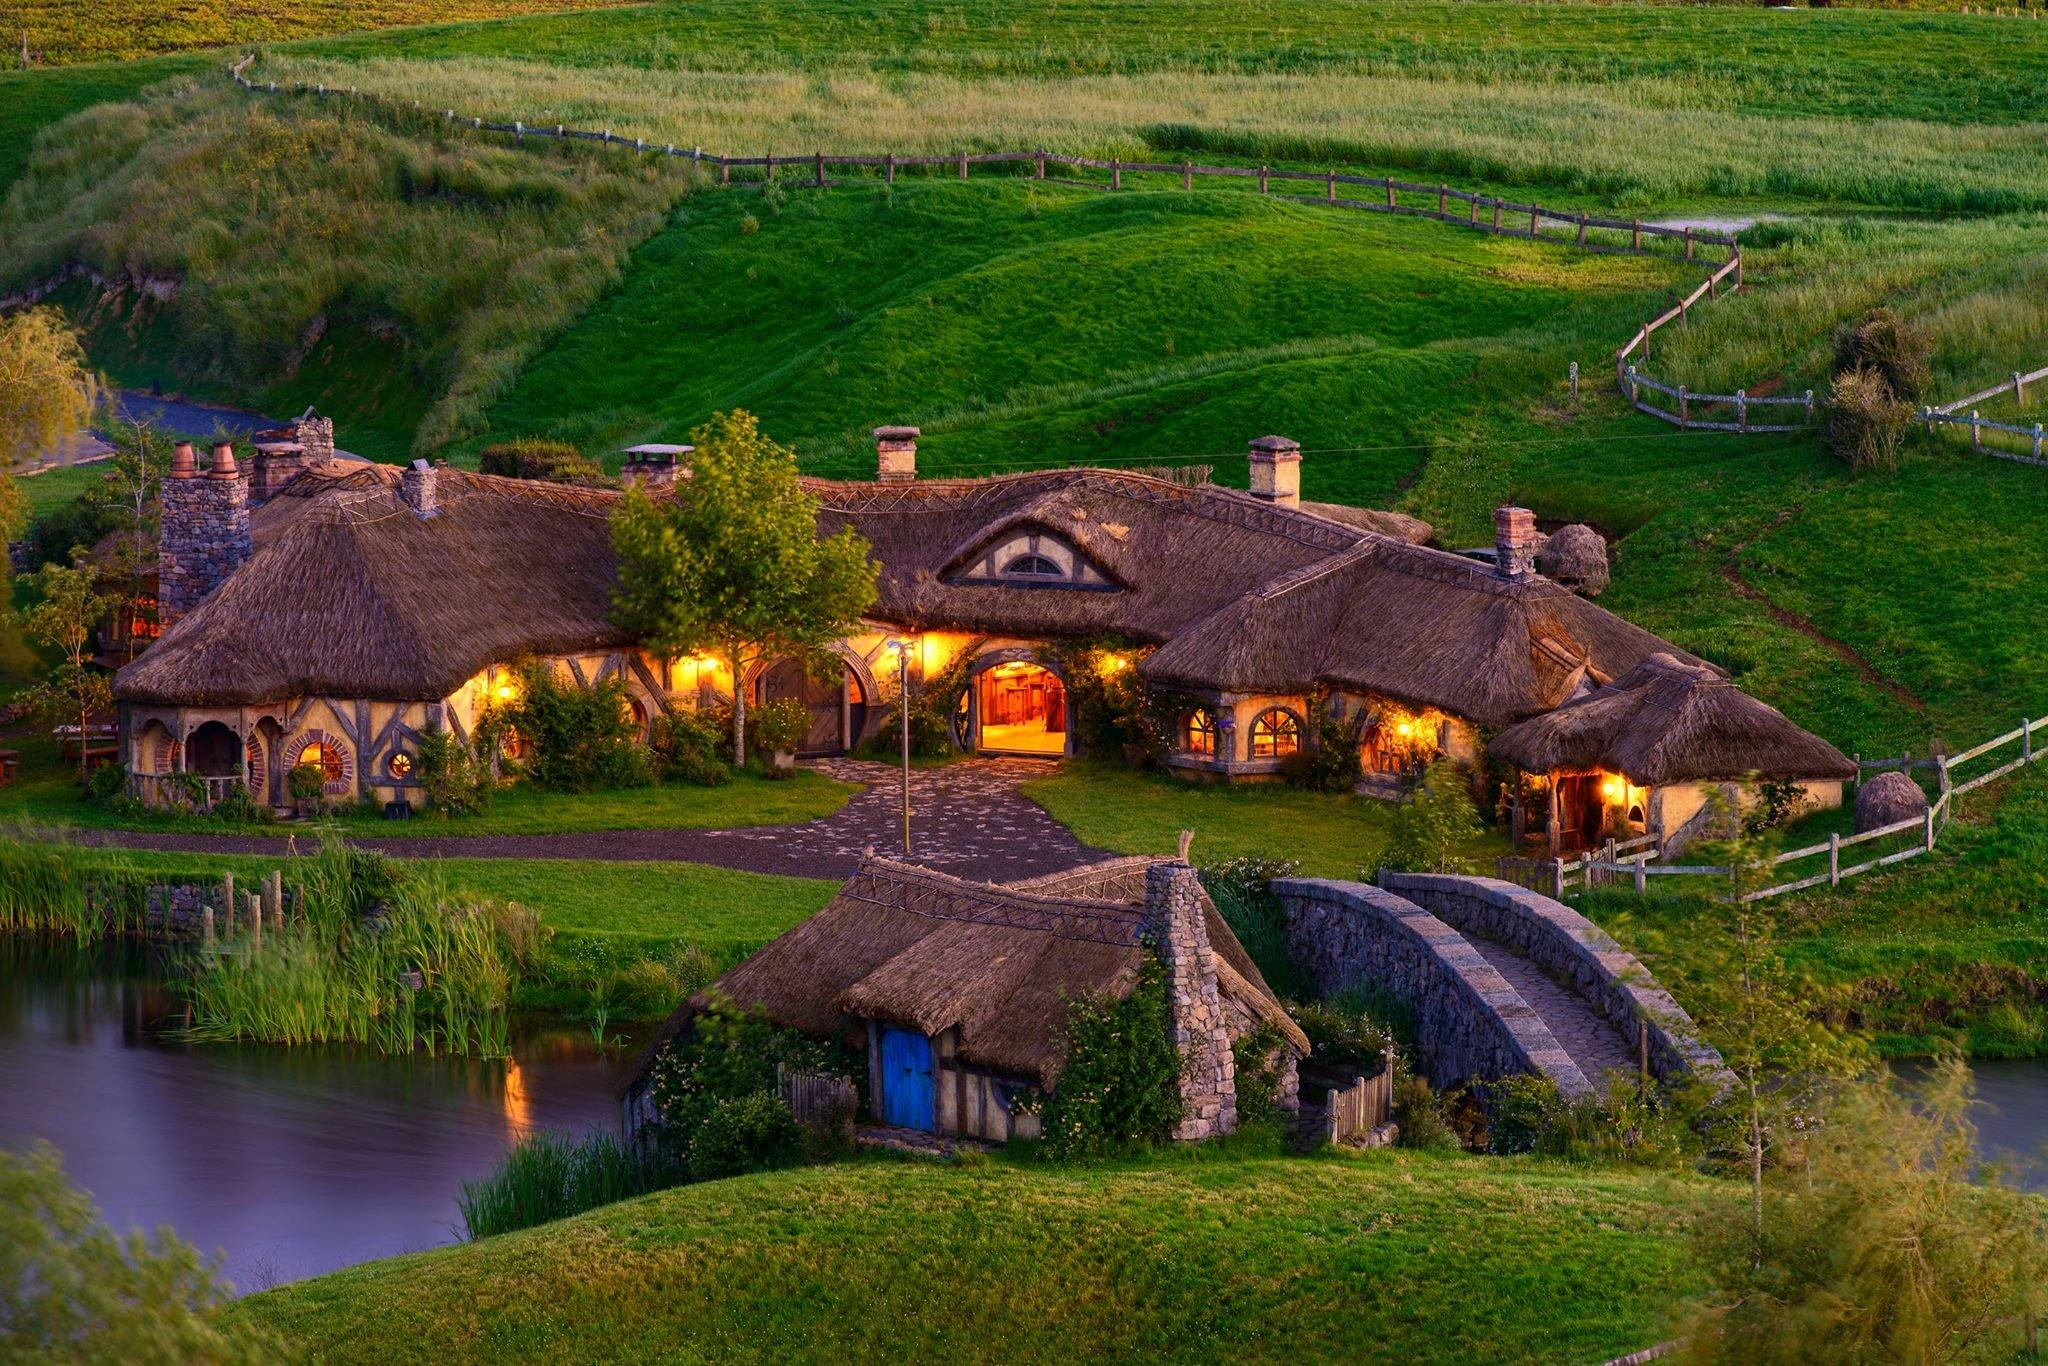 Хоббитон в Матамате, Новая Зеландия Крохотная ферма-анклав, которая стала тем самым Широм в кинотрил